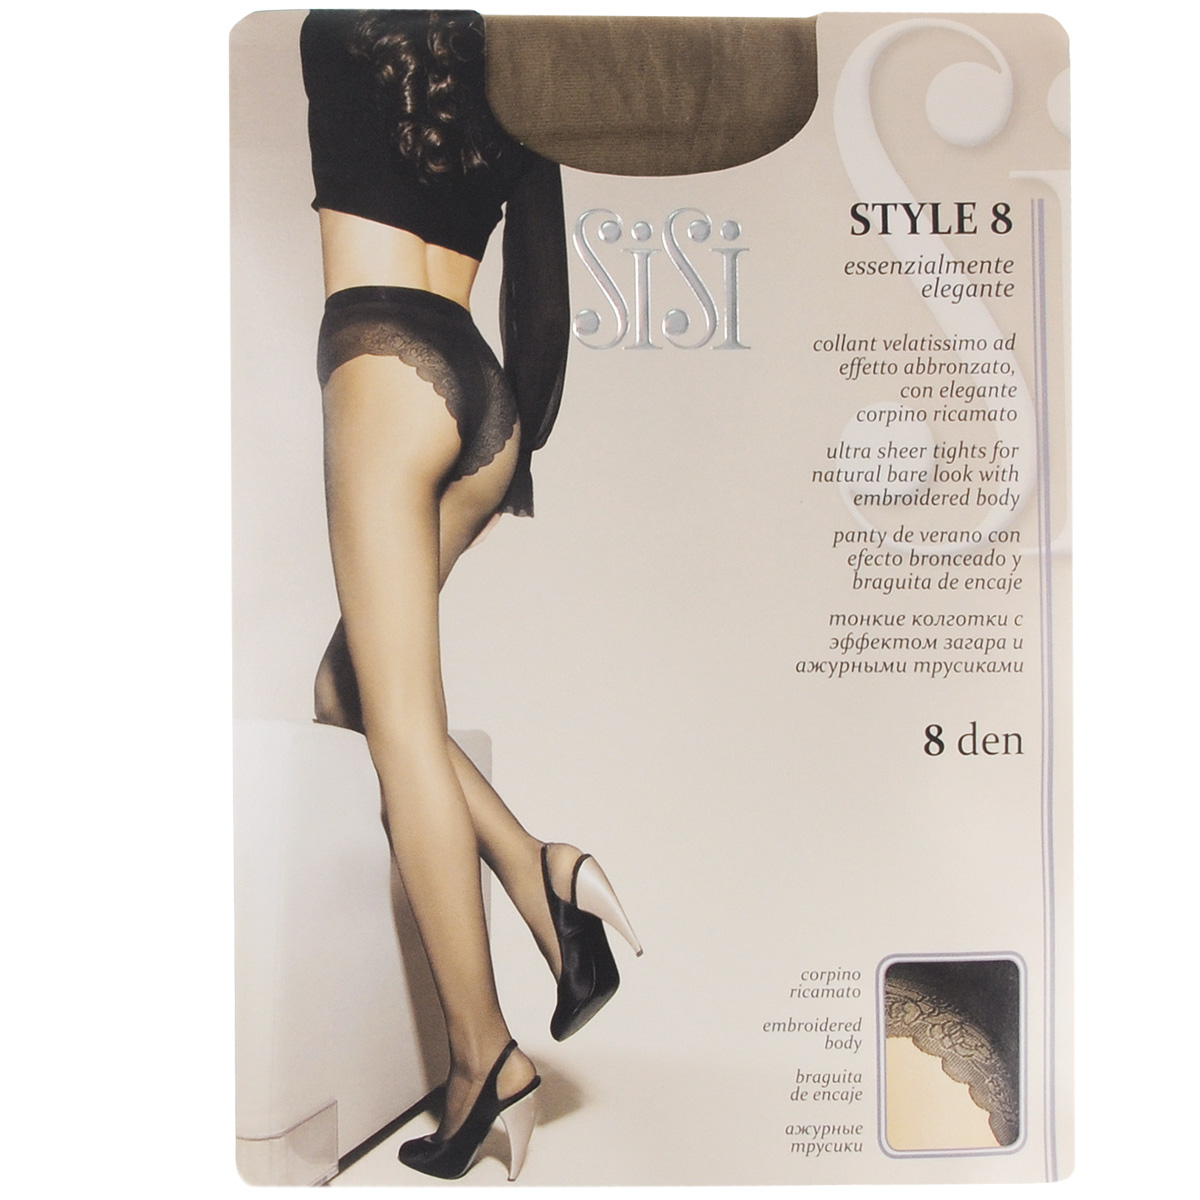 Колготки женские Sisi Style 8, цвет: Ambra (бледно-коричневый). 142. Размер 2 (S) колготки sisi style размер 2 плотность 15 den nero